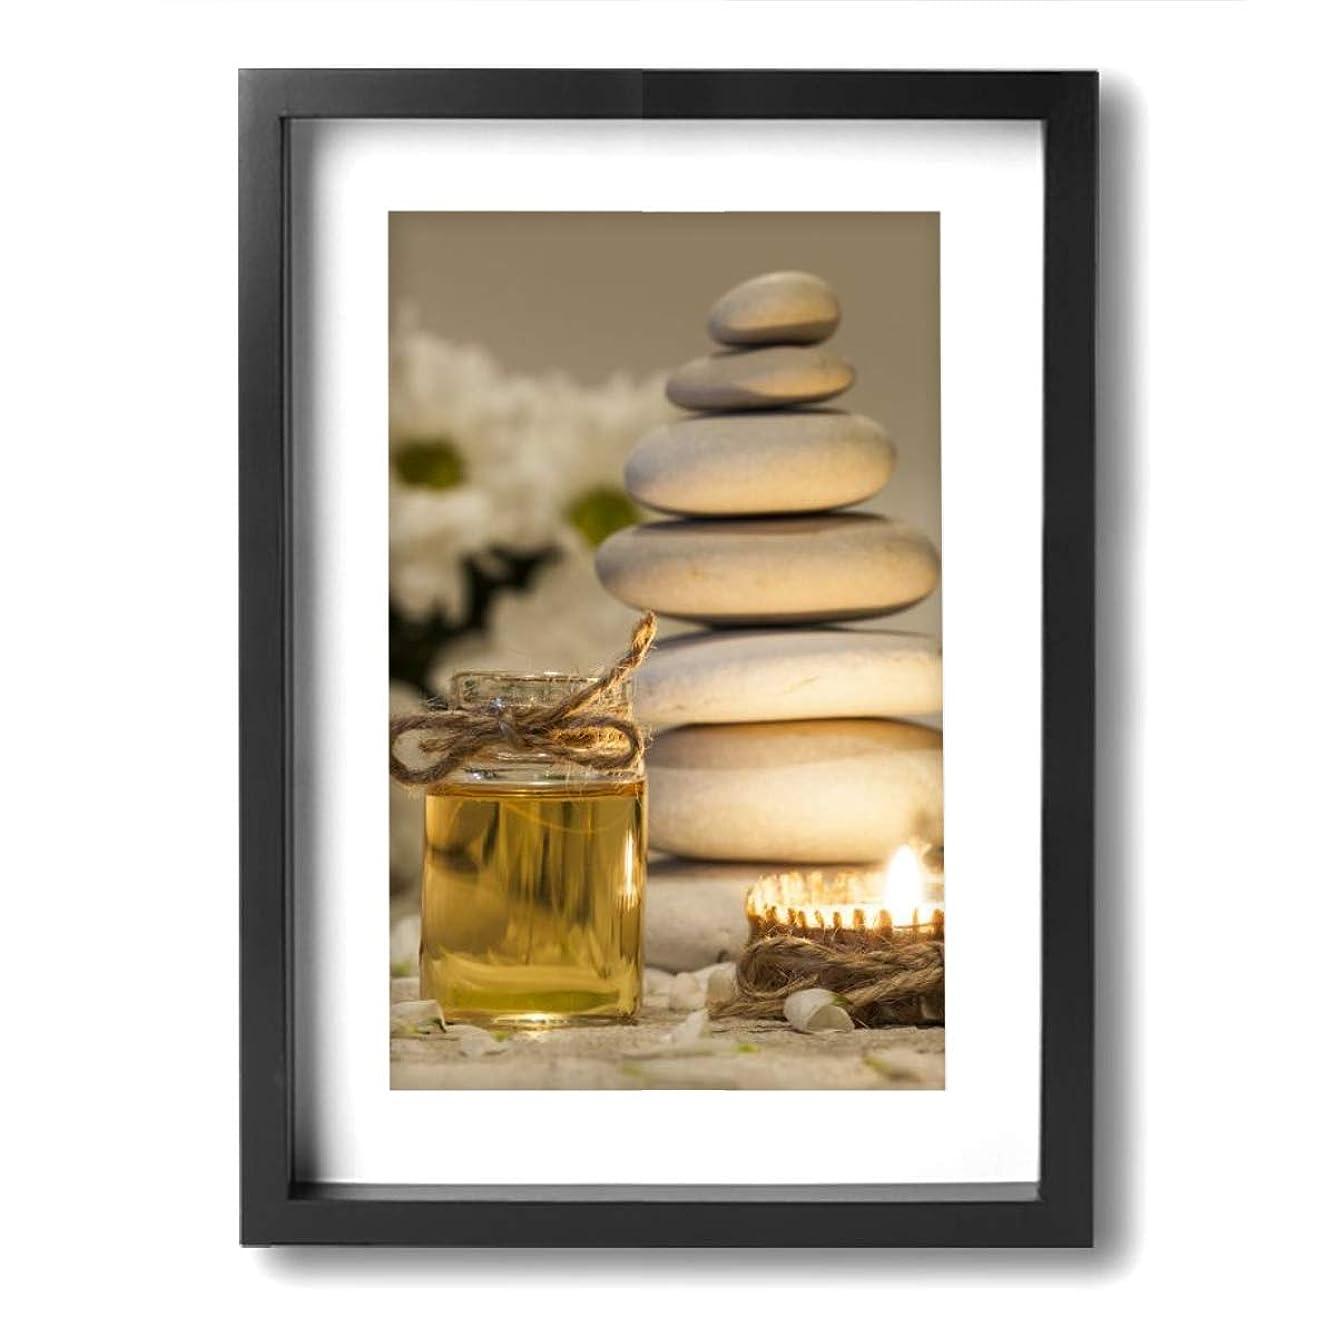 装置アクティブ選択する魅力的な芸術 20x30cm Chamomile Essential Oil Chamomile Flowers キャンバスの壁アート 画像プリント絵画リビングルームの壁の装飾と家の装飾のための現代アートワークハングする準備ができて